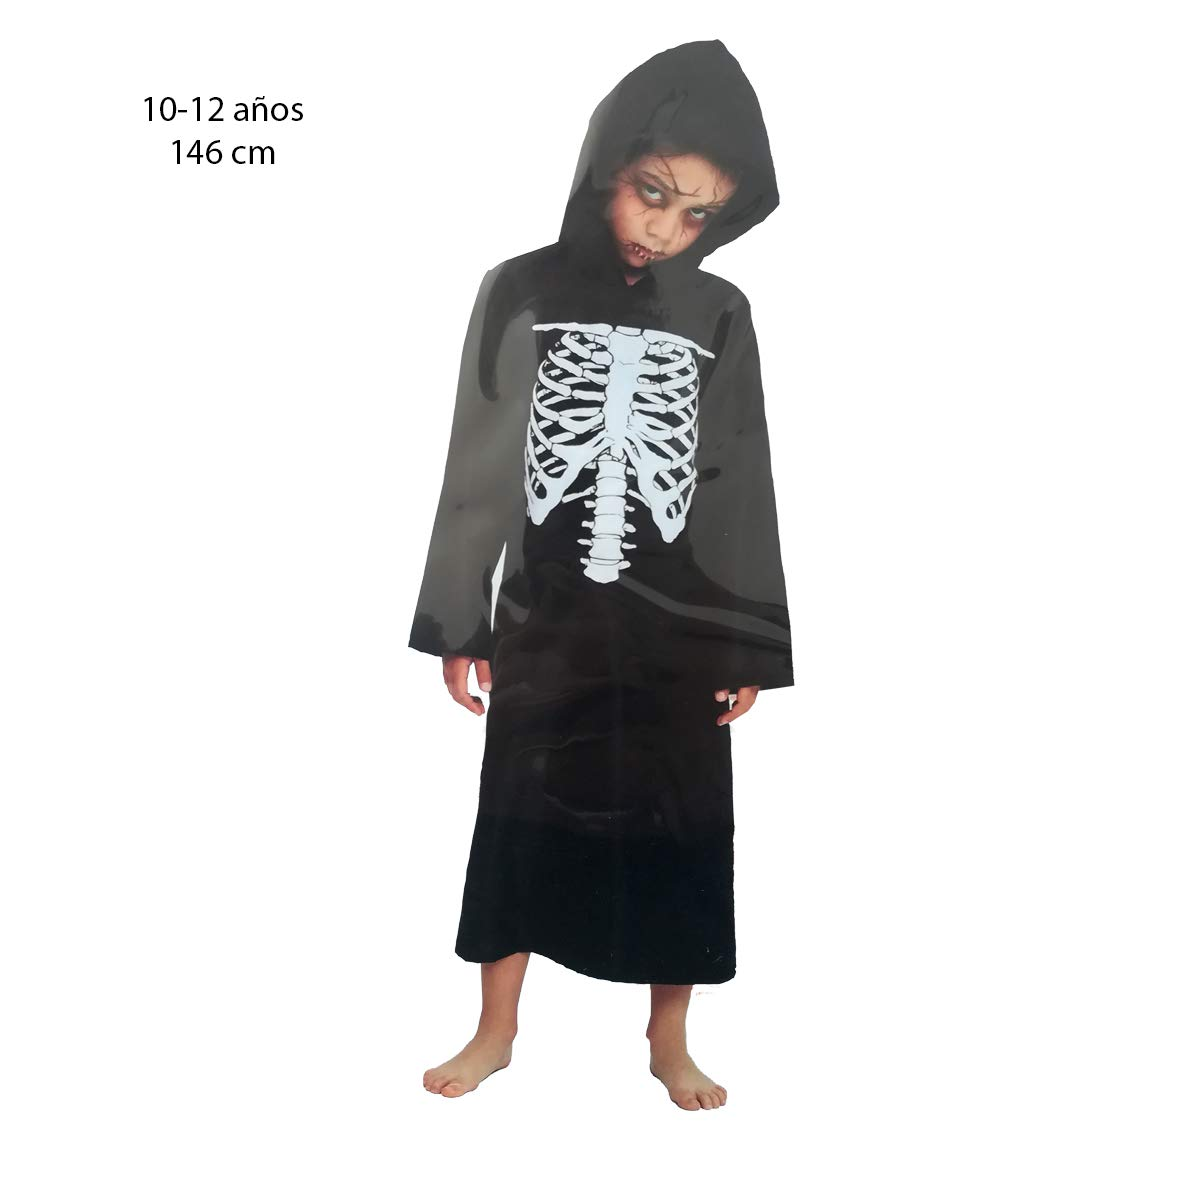 Cisne 2013, S.L. Disfraz para Halloween Infantil de Esqueleto ...